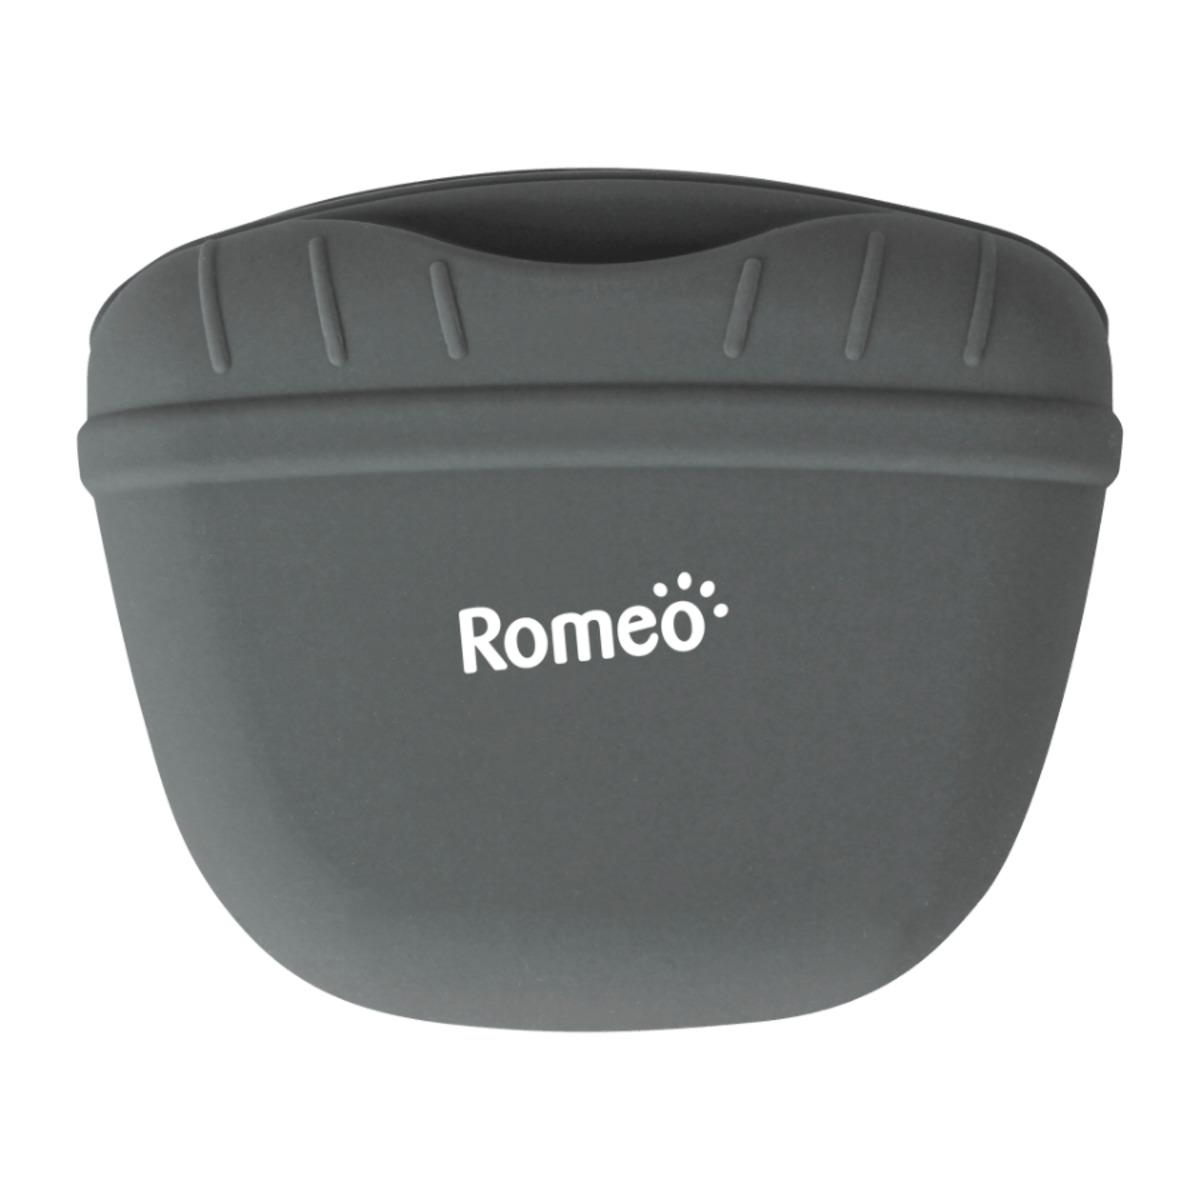 Bild 3 von ROMEO     Futtertasche